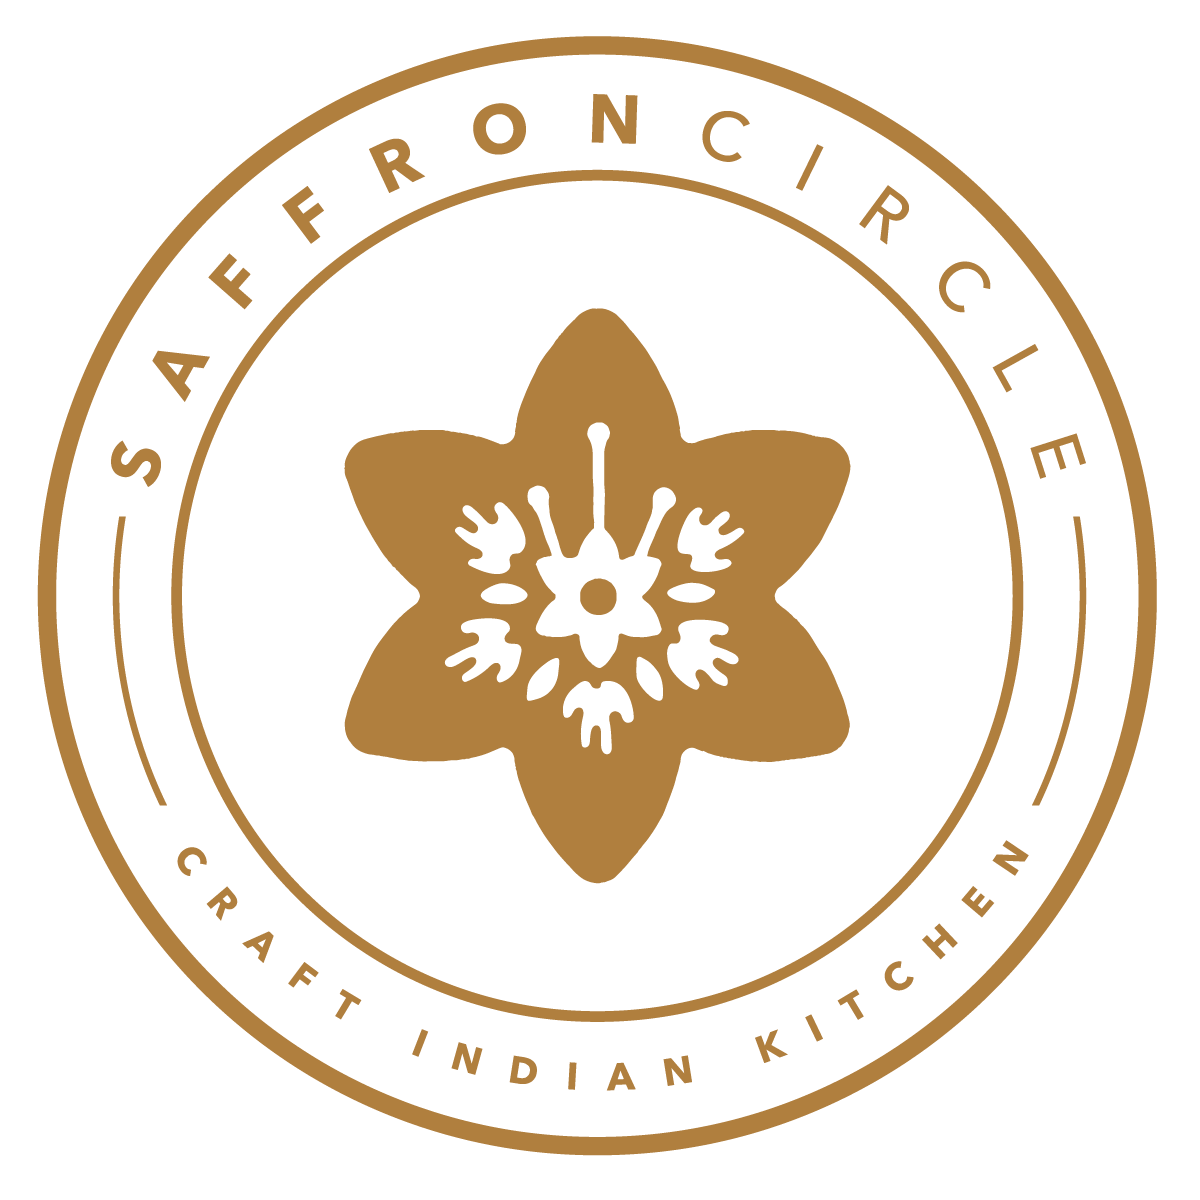 Saffron Colonial Classic Indian Cuisine Downtown Salt Lake City